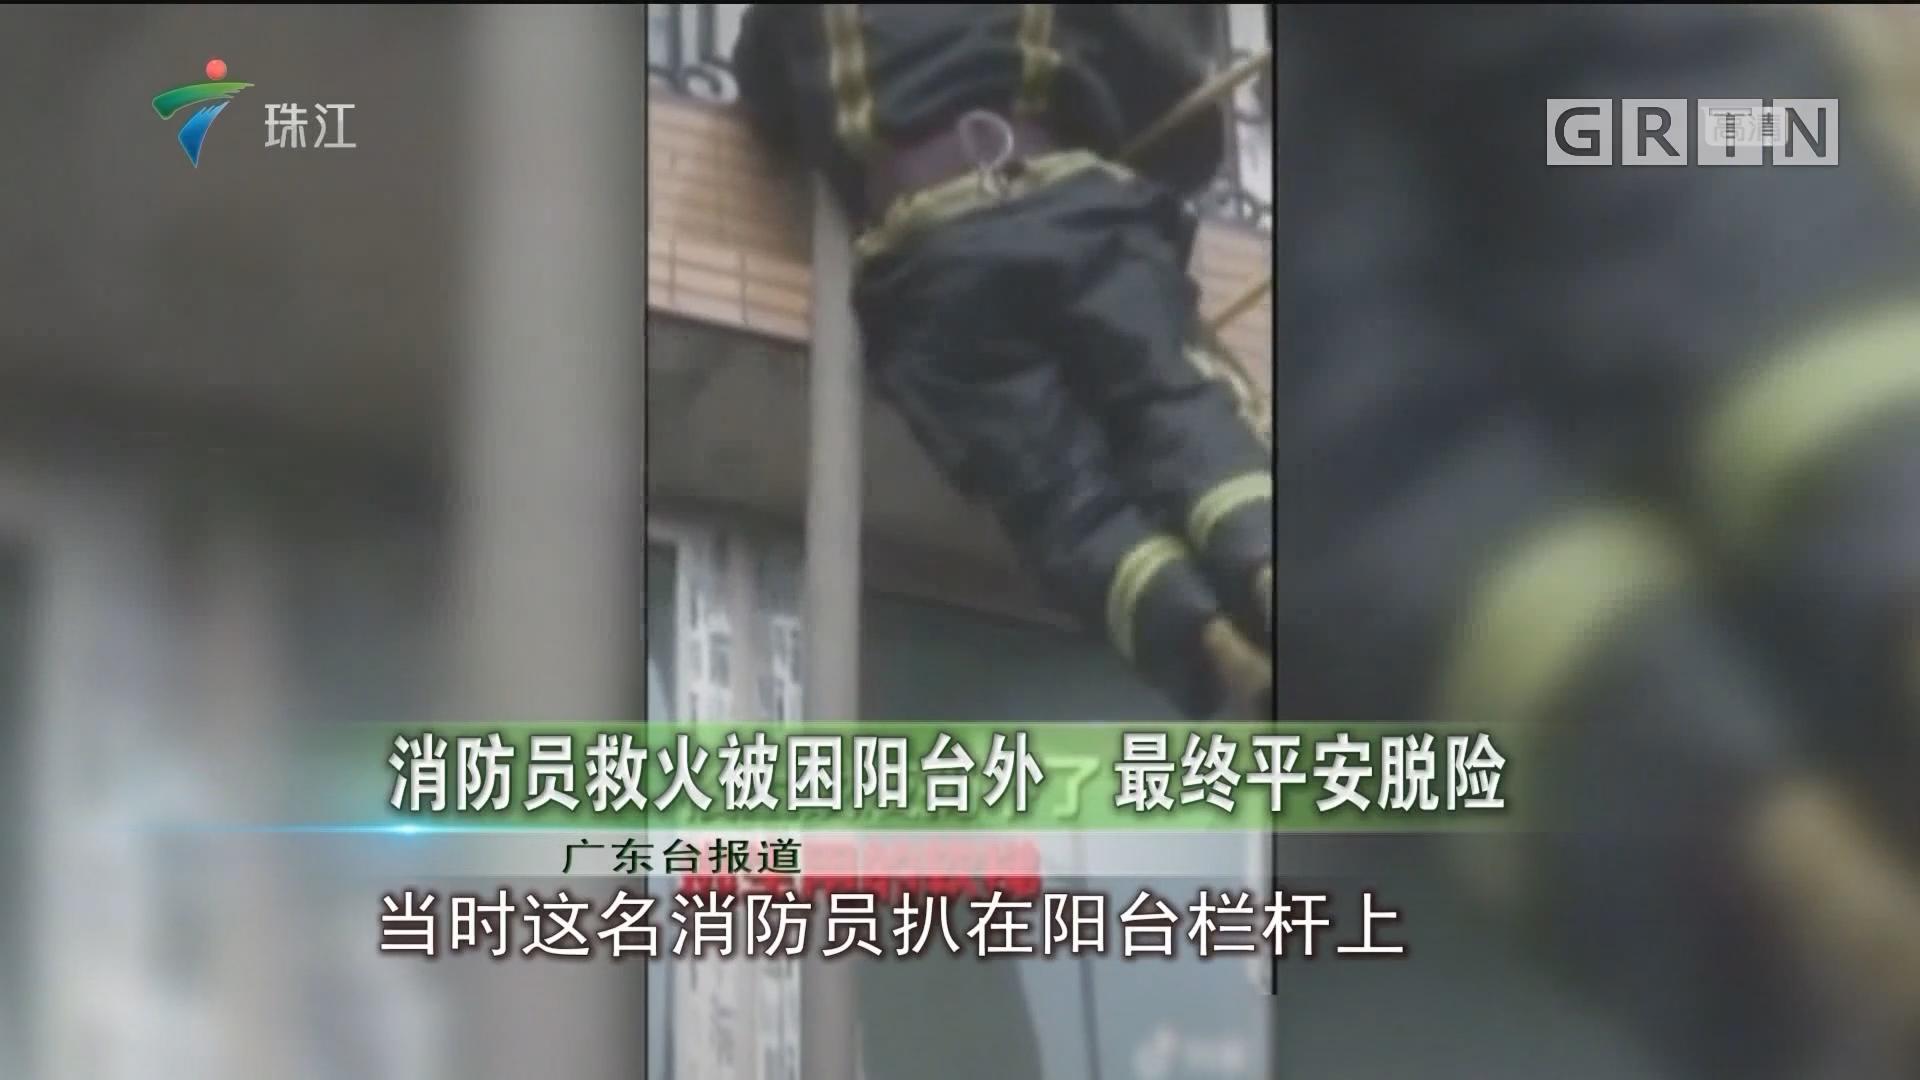 消防员救火被困阳台外 最终平安脱险